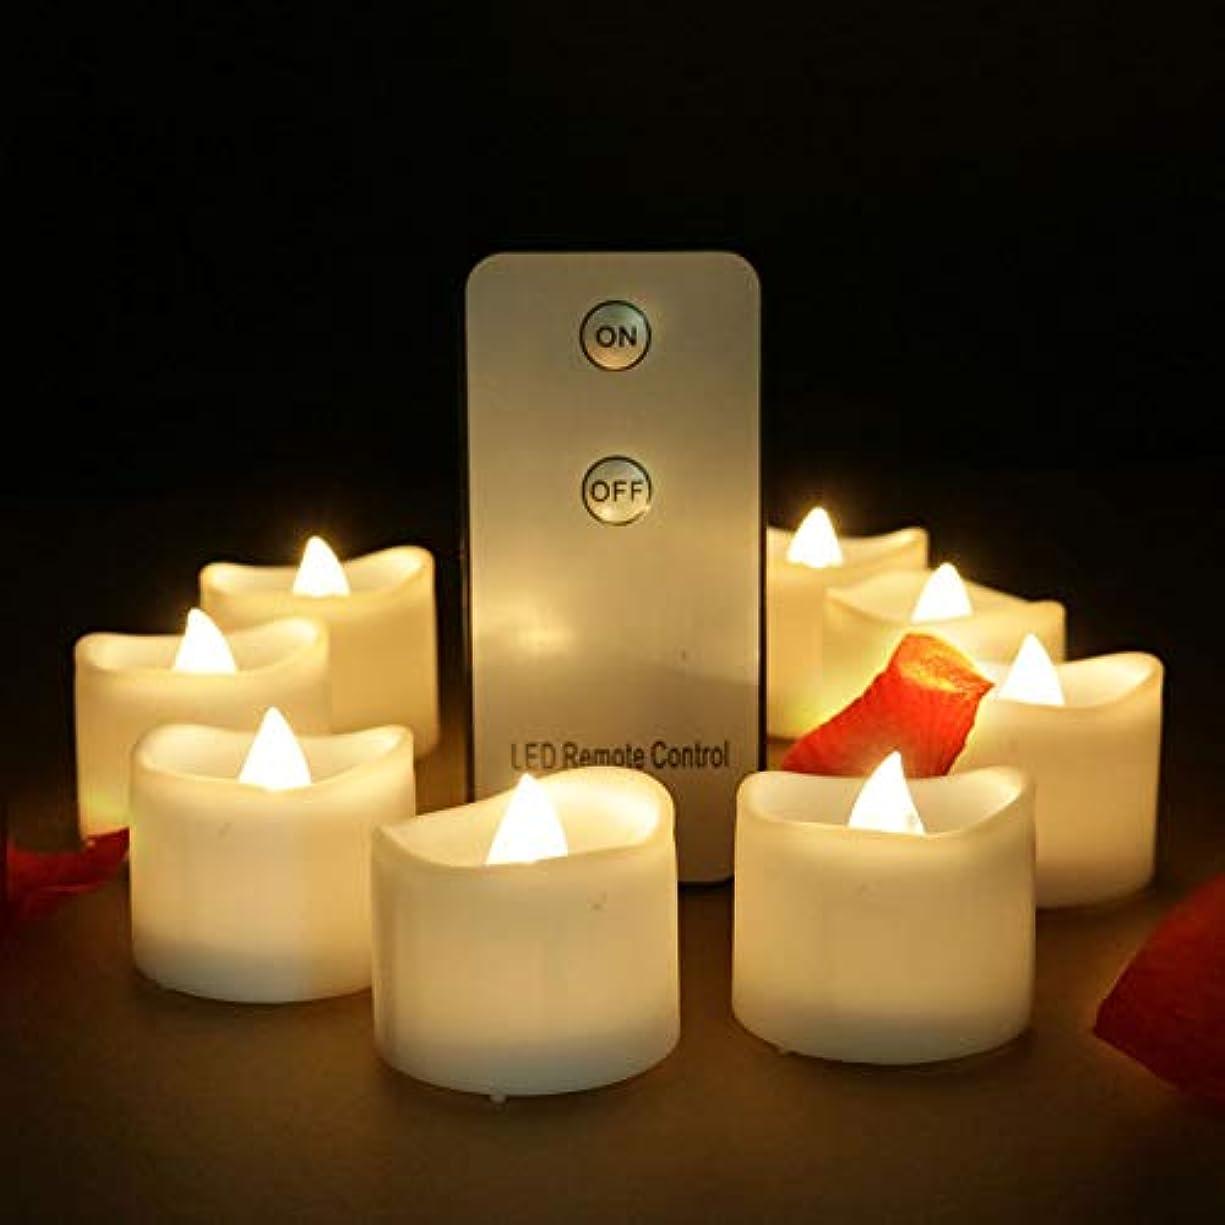 たらい直径雄弁キャンドルランプ12ピースledライト付きリモコン装飾ライトボタン電池式で提案結婚式結婚記念日クリスマス誕生日,WarmWhiteLight